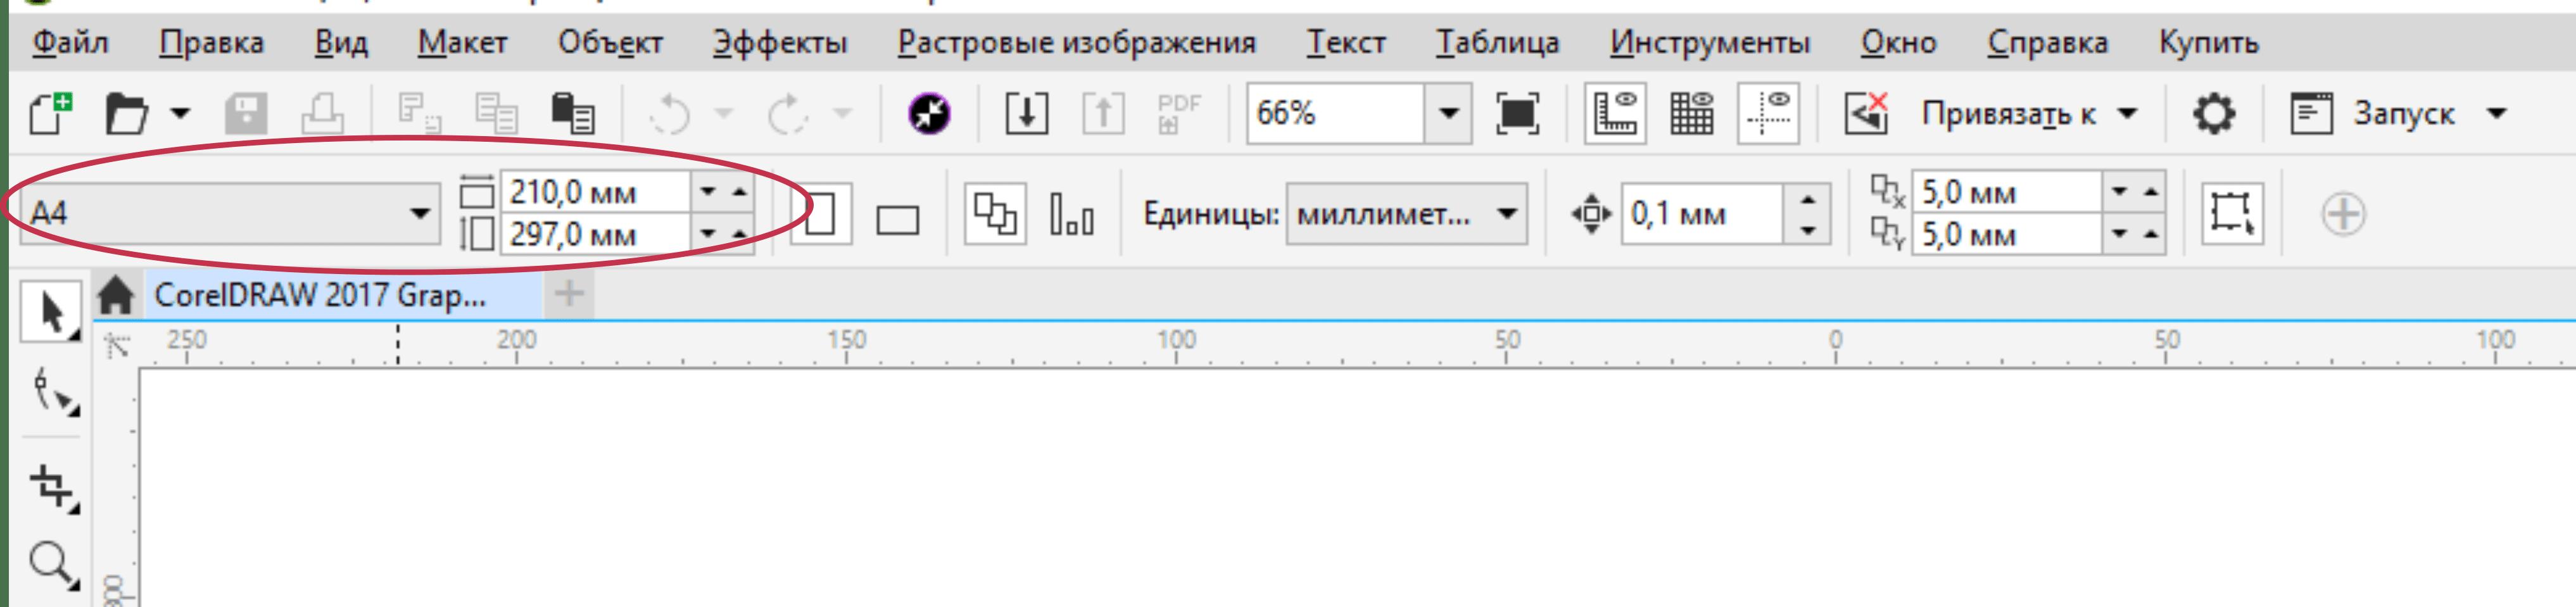 Схема стрелочного индикатора уровня